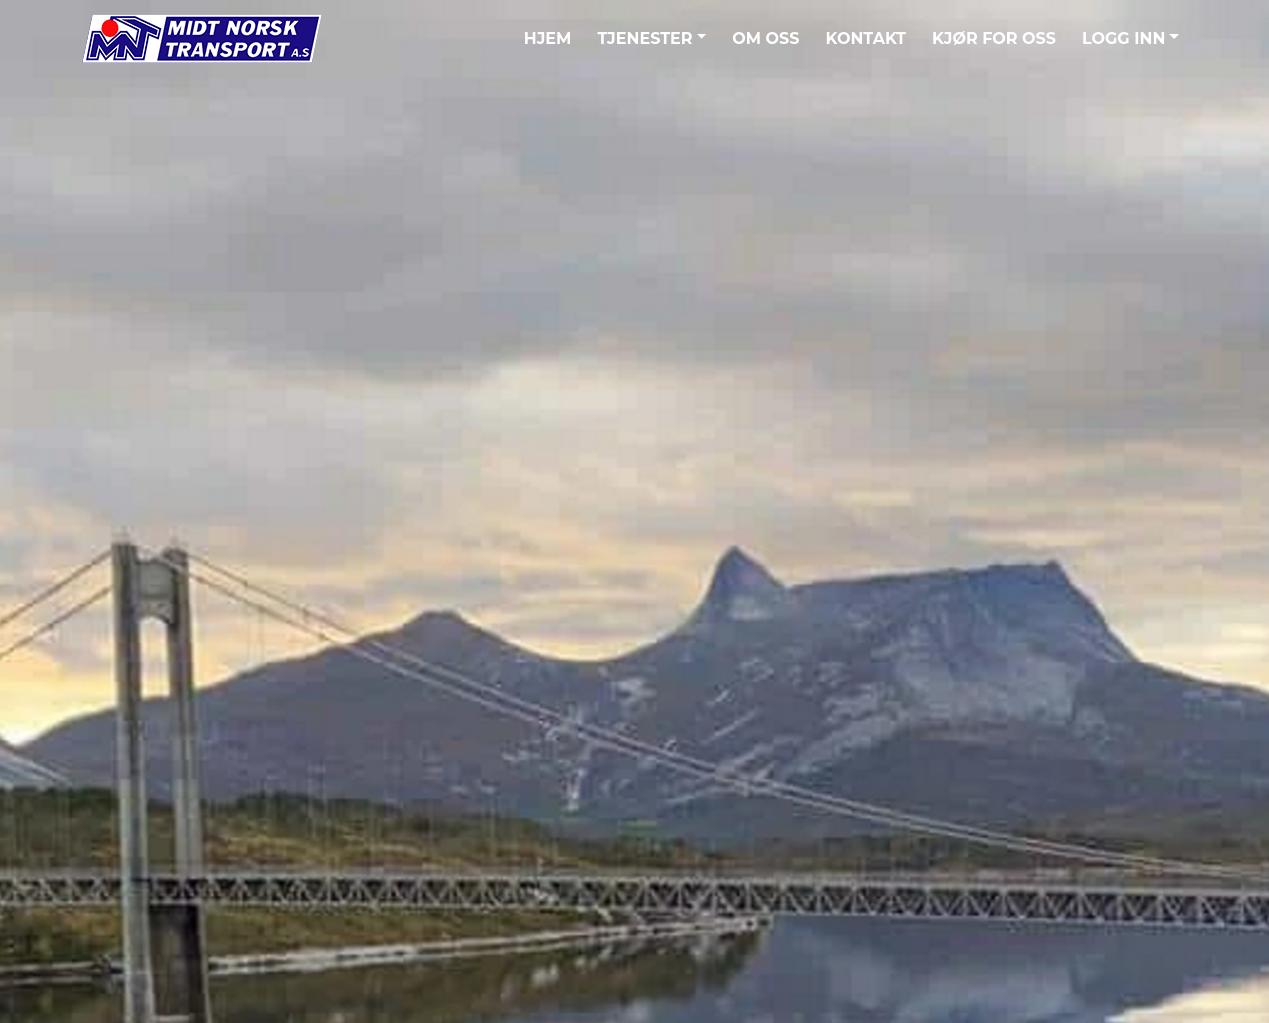 01f796cad Midt-norsk Transport AS - 943965315 - Profil